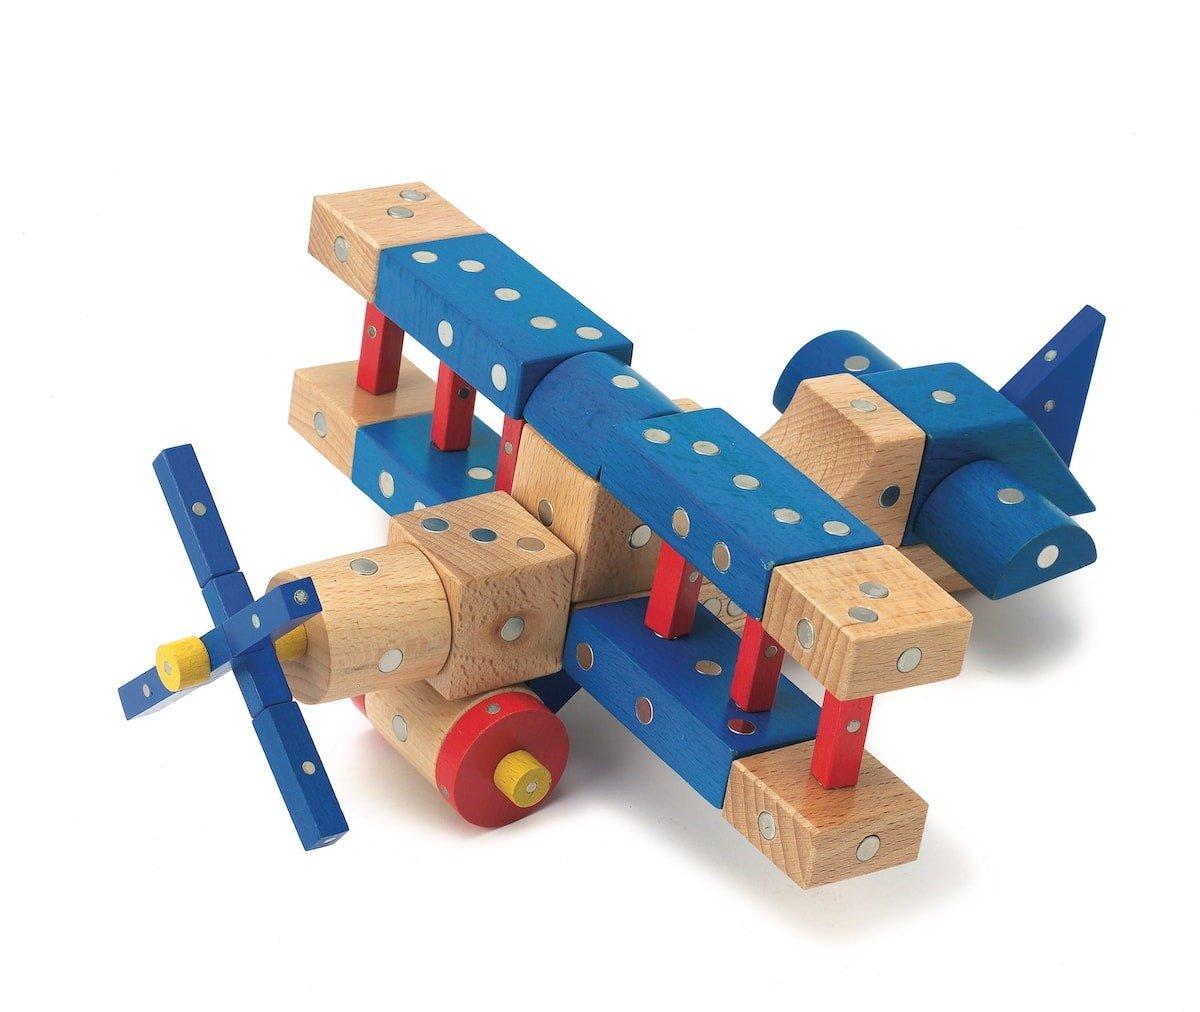 Niebieski samolot zbudowany z klocków magnetycznych dla dzieci